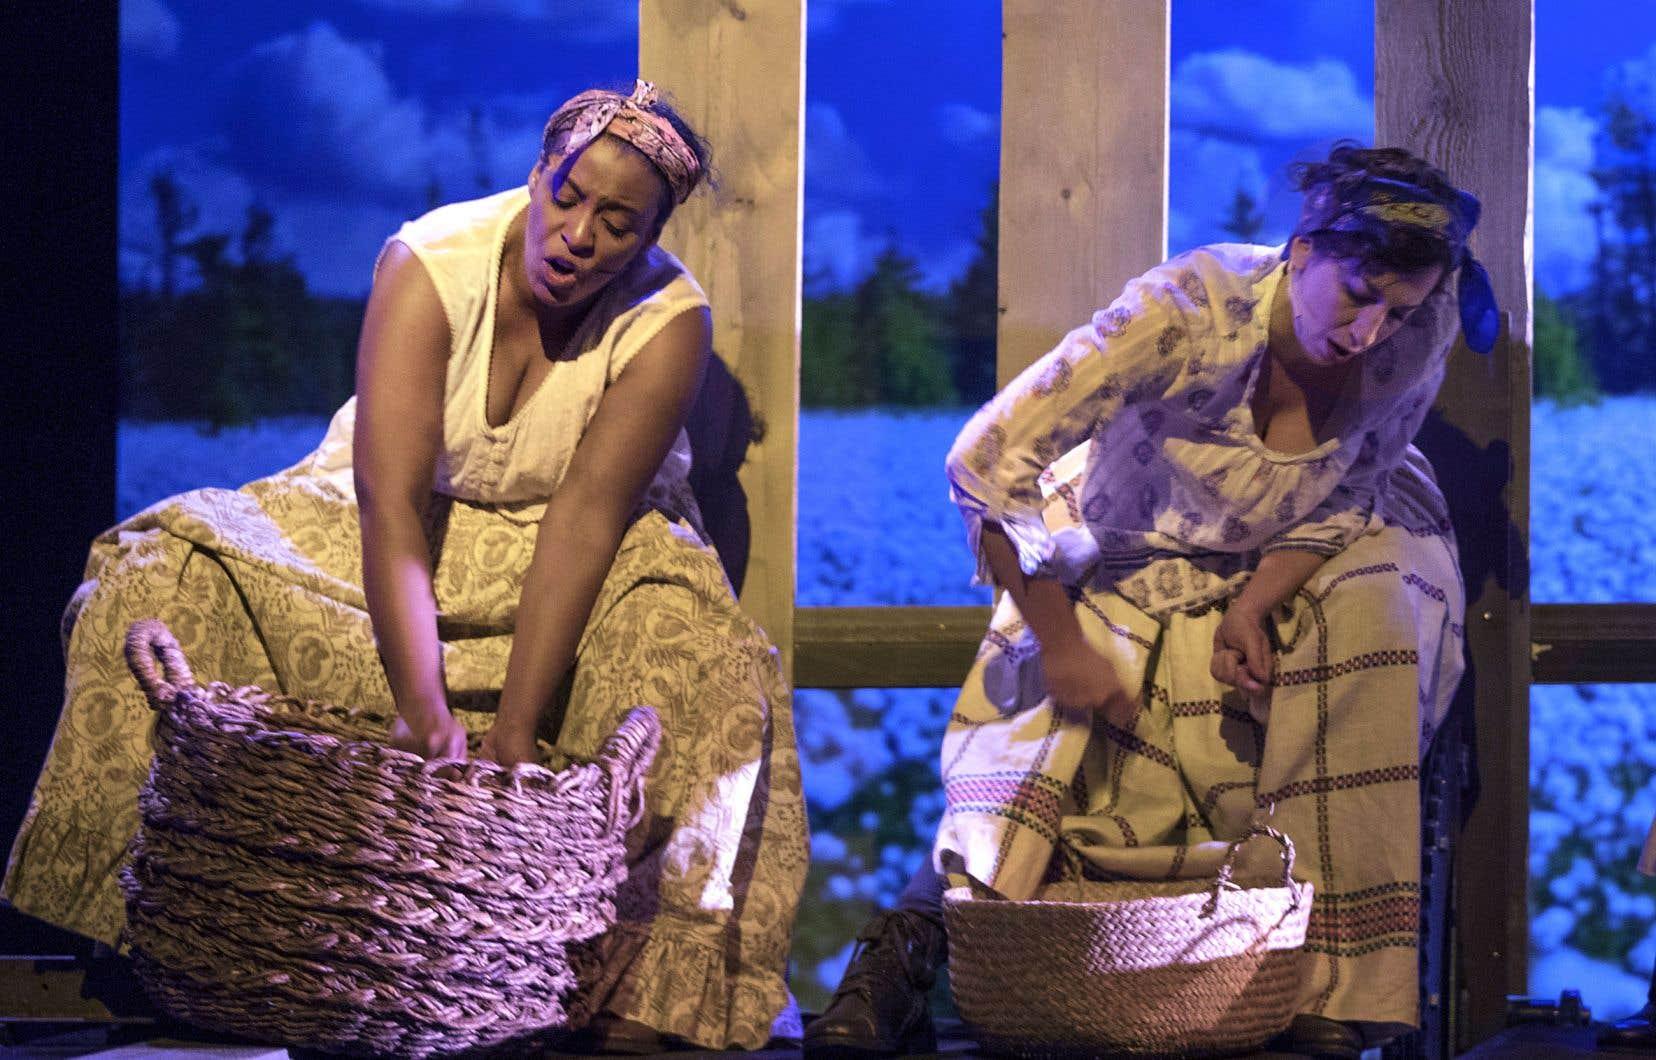 Le nouveau spectacle de Robert Lepage, «SLAV», mettant en vedette la chanteuse Betty Bonifassi, a continué de soulever la polémique mercredi, jour de première médiatique.